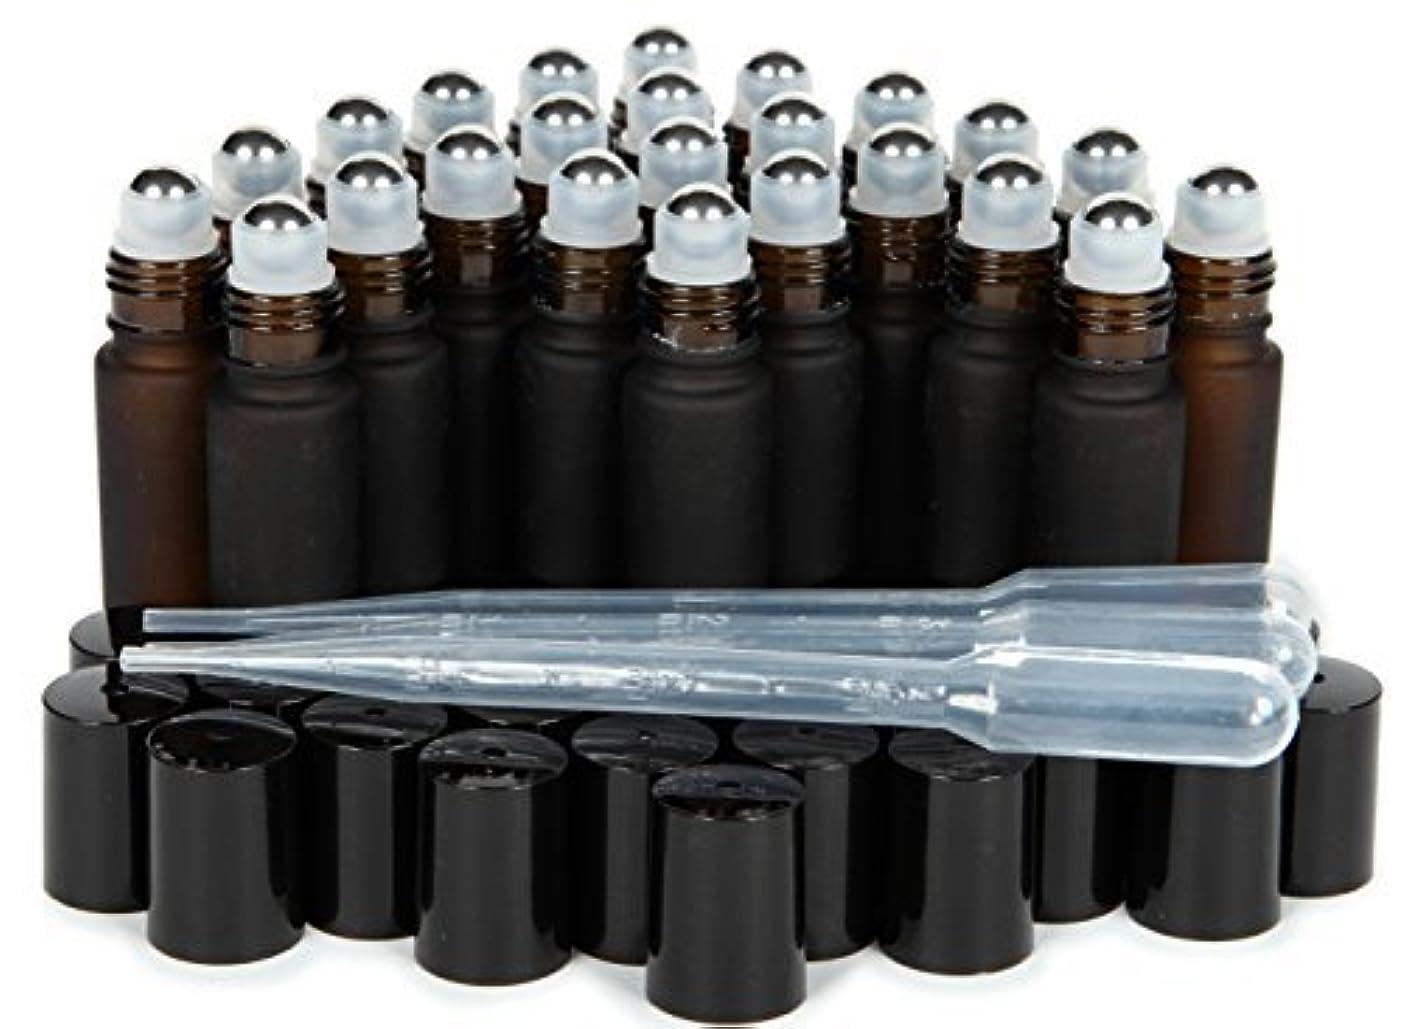 間隔平和滑り台Vivaplex, 24, Frosted Amber, 10 ml Glass Roll-on Bottles with Stainless Steel Roller Balls. 3-3 ml Droppers included...